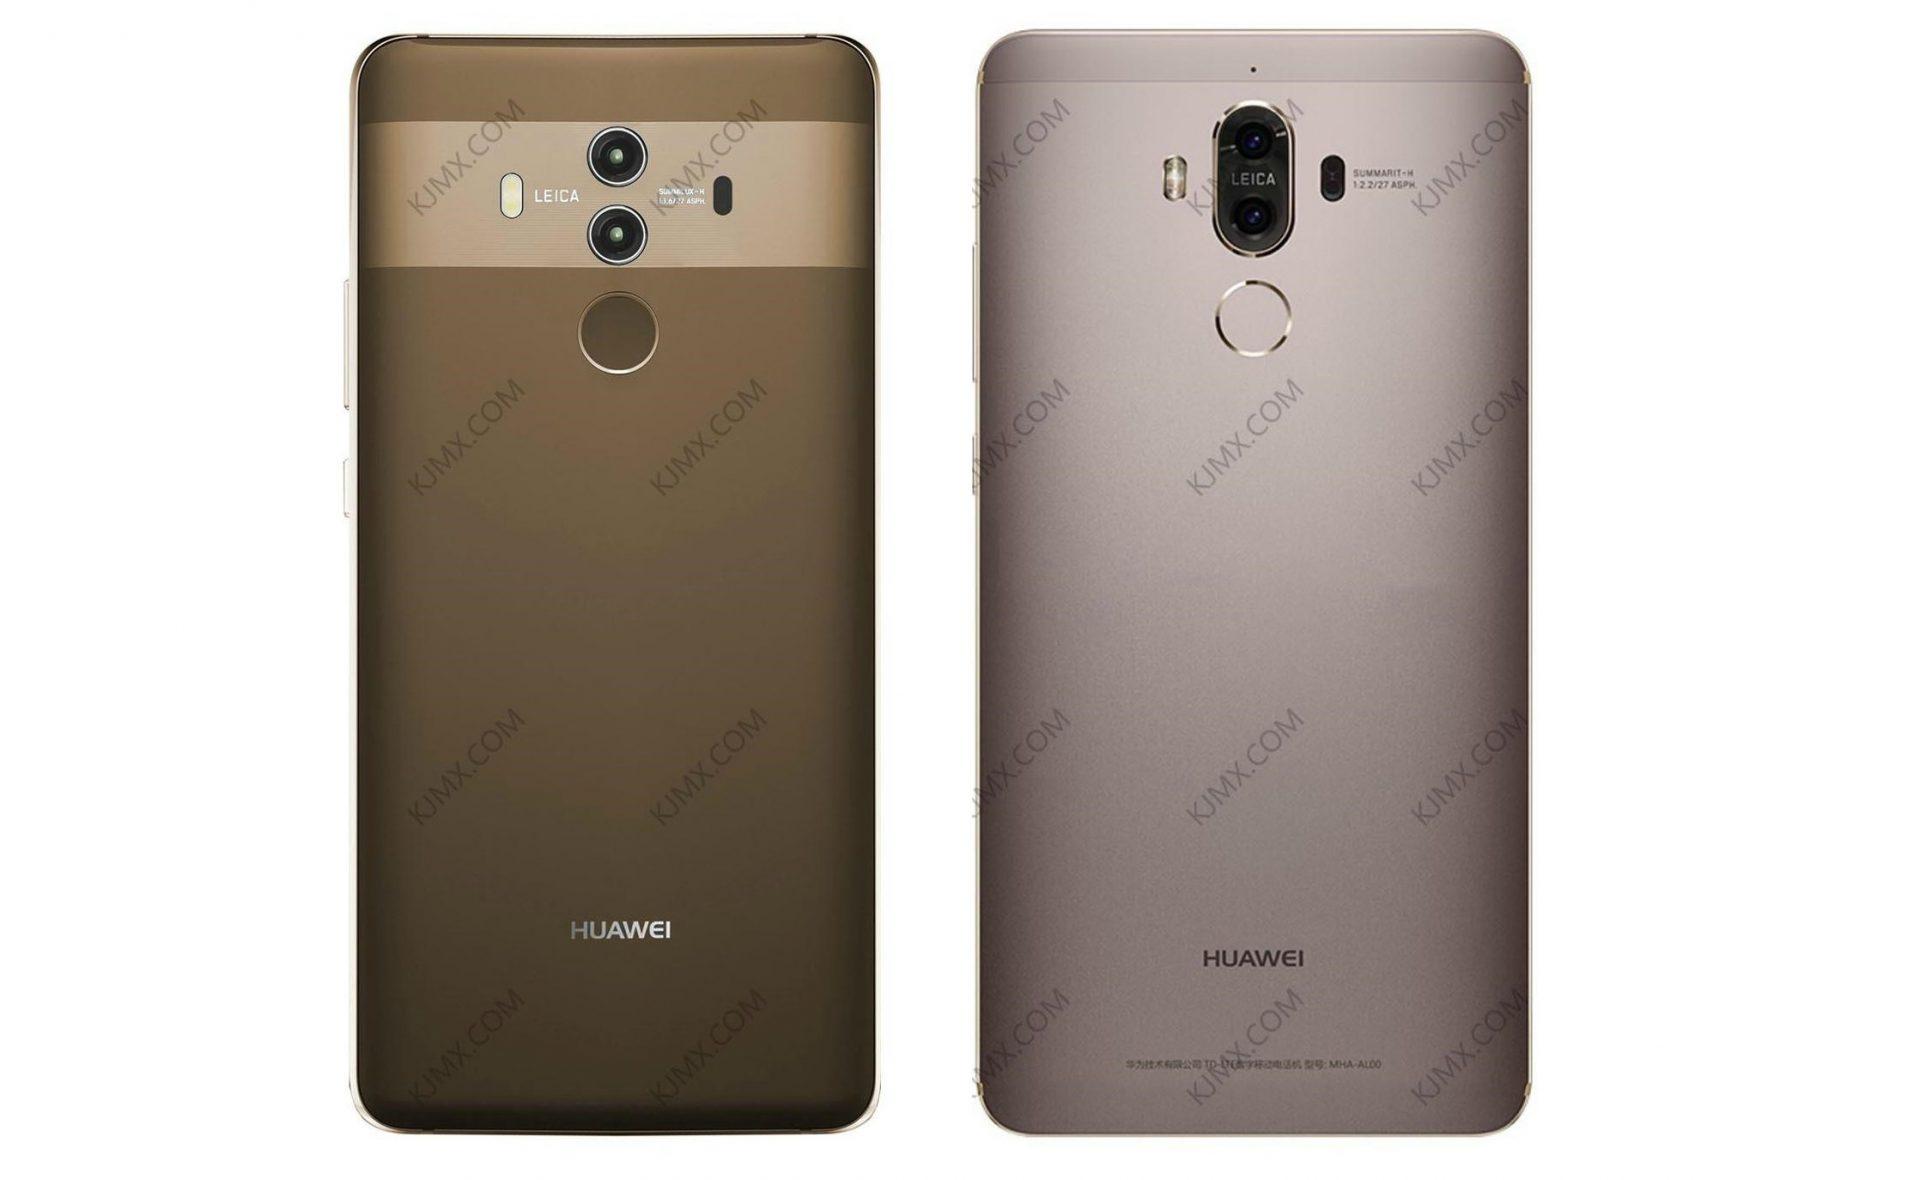 Huawei Mate 10 in arrivo il 16 ottobre: ecco come sarà